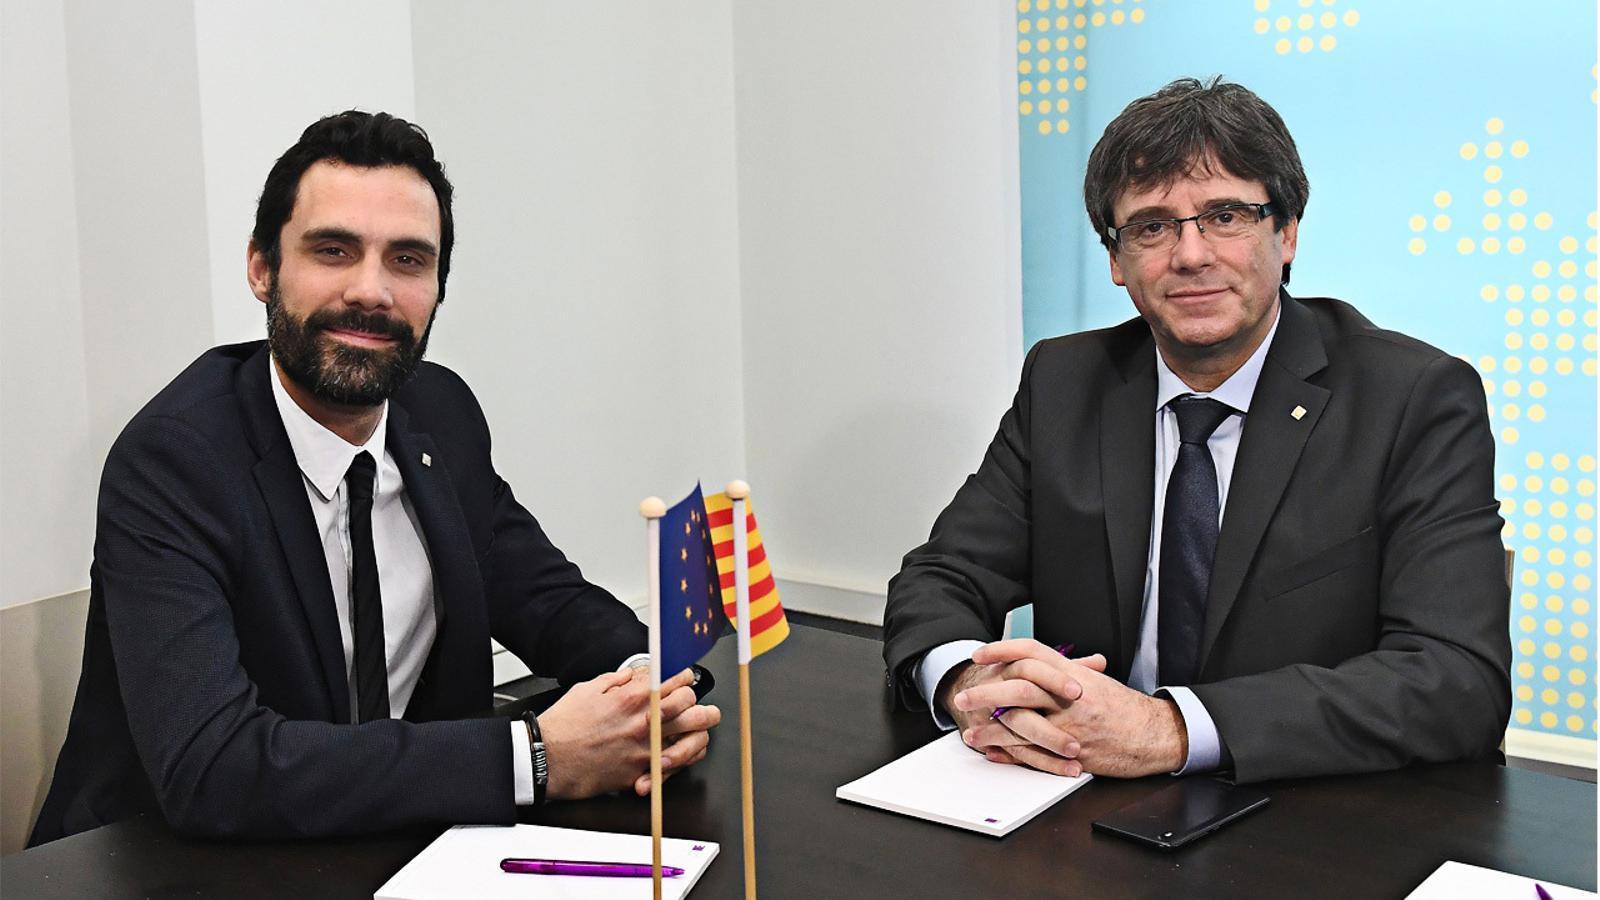 L'anàlisi d'Antoni Bassas: 'Anàlisi sobre l'estat de la Unió'